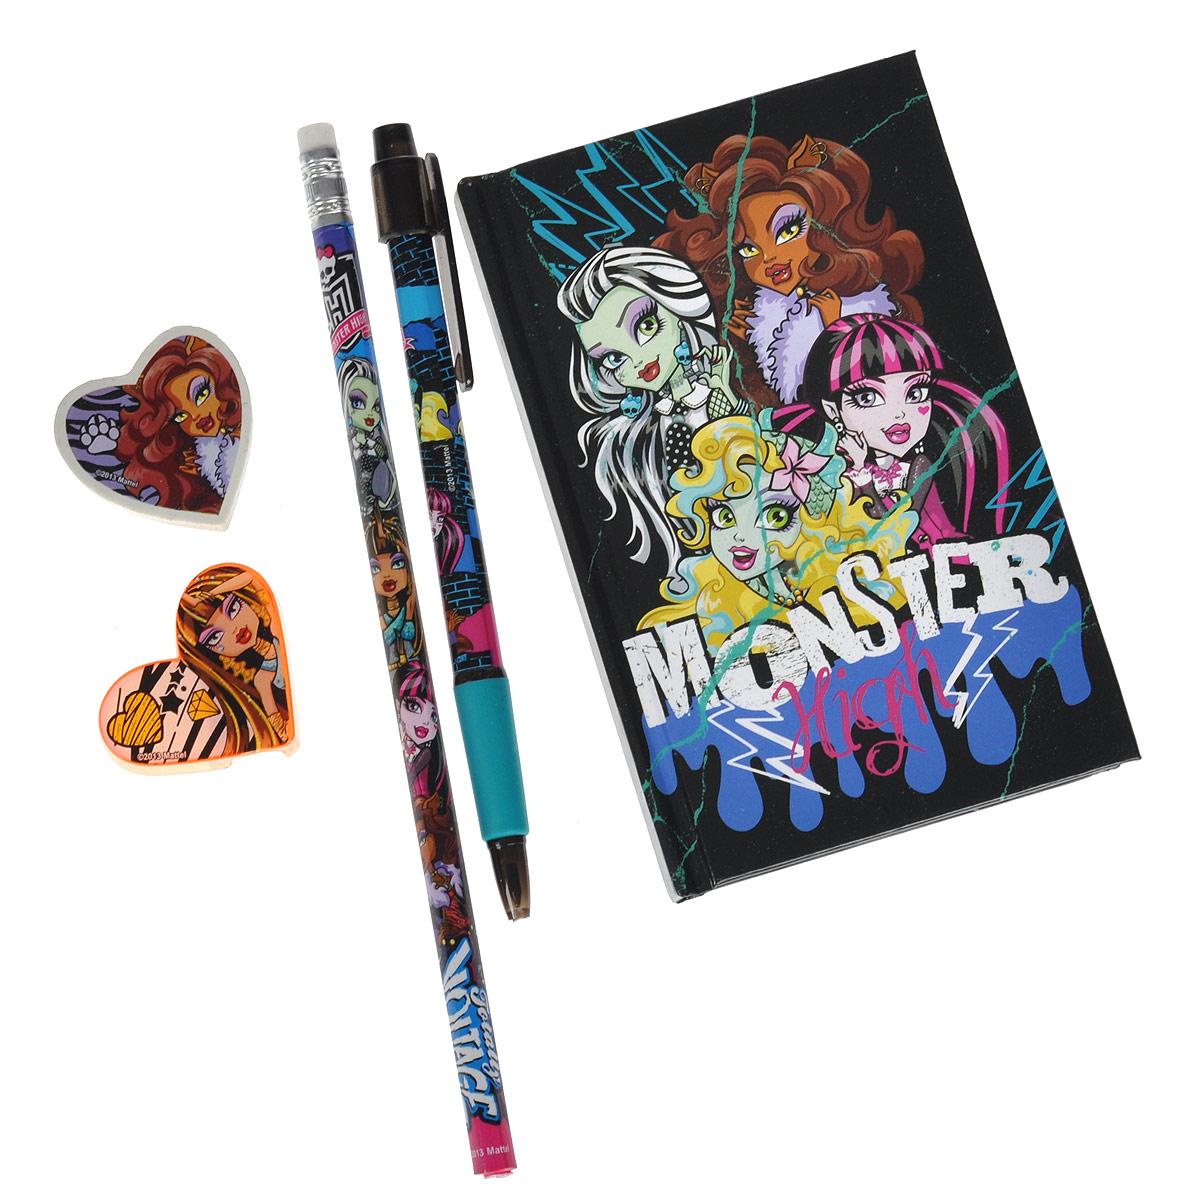 Канцелярский набор Monster High, 5 предметов72523WDКанцелярский набор Monster High станет незаменимым атрибутом в учебе любого школьника.Он включает в себя чернографитный карандаш с ластиком на конце, ластик, точилку, автоматическую ручку и записную книжку.Ручка снабжена прорезиненной вставкой в области захвата, подача стержня производится путем нажатия на кнопку в верхней части ручки.Обложка записной книжки выполнена из плотного картона, внутренний блок содержит листы с печатью. Все предметы набора оформлены изображениями супергероя Monster High (Школа Монстров).